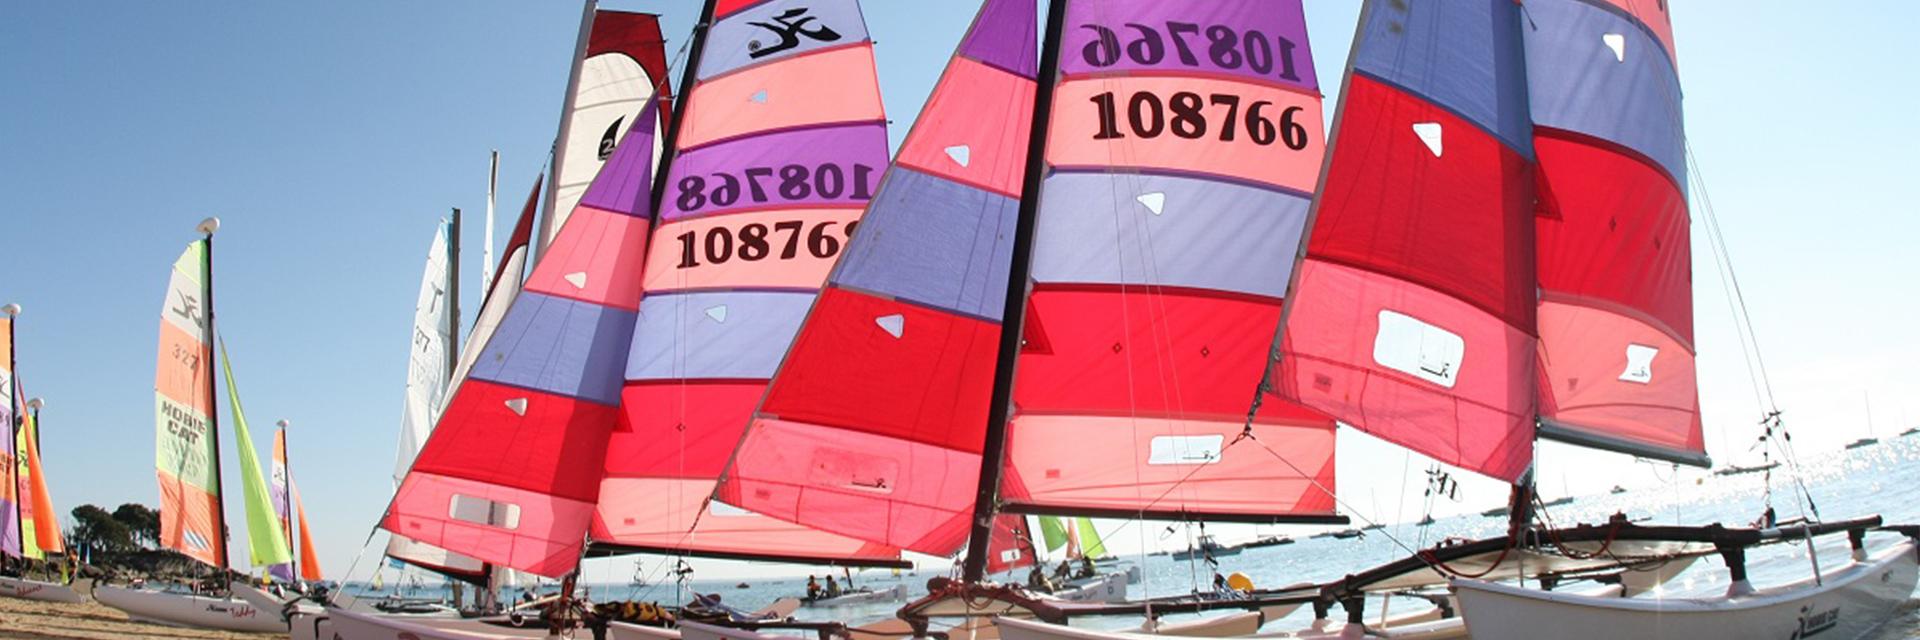 village-vacances-koat-ar-mor-bateaux